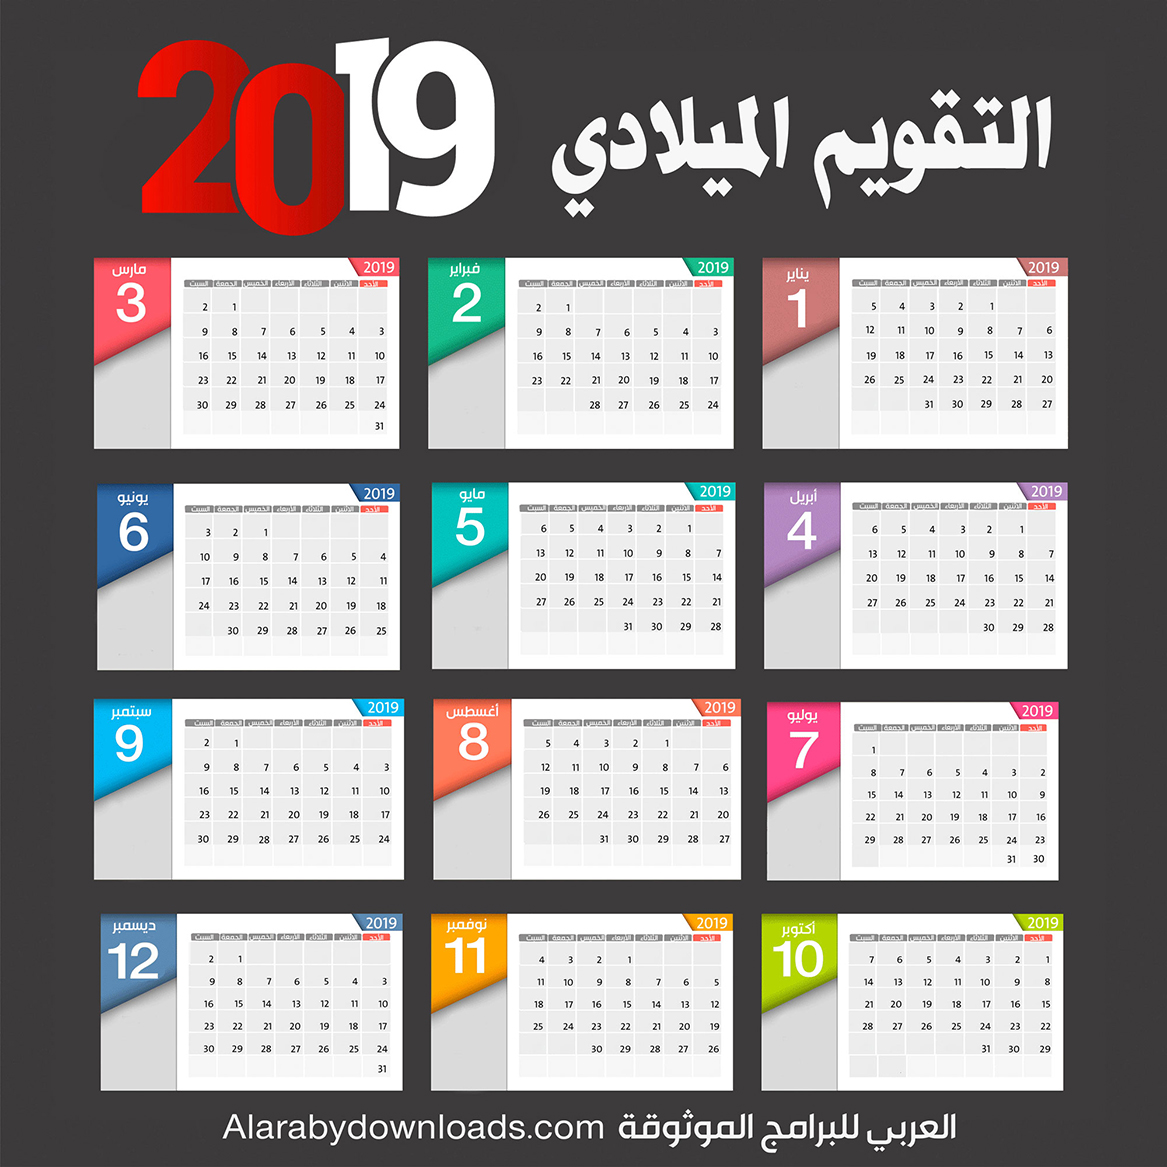 تحميل التقويم الميلادي 2019 للعام الجديد للجوال والكمبيوتر 2019 Gregorian Calendar